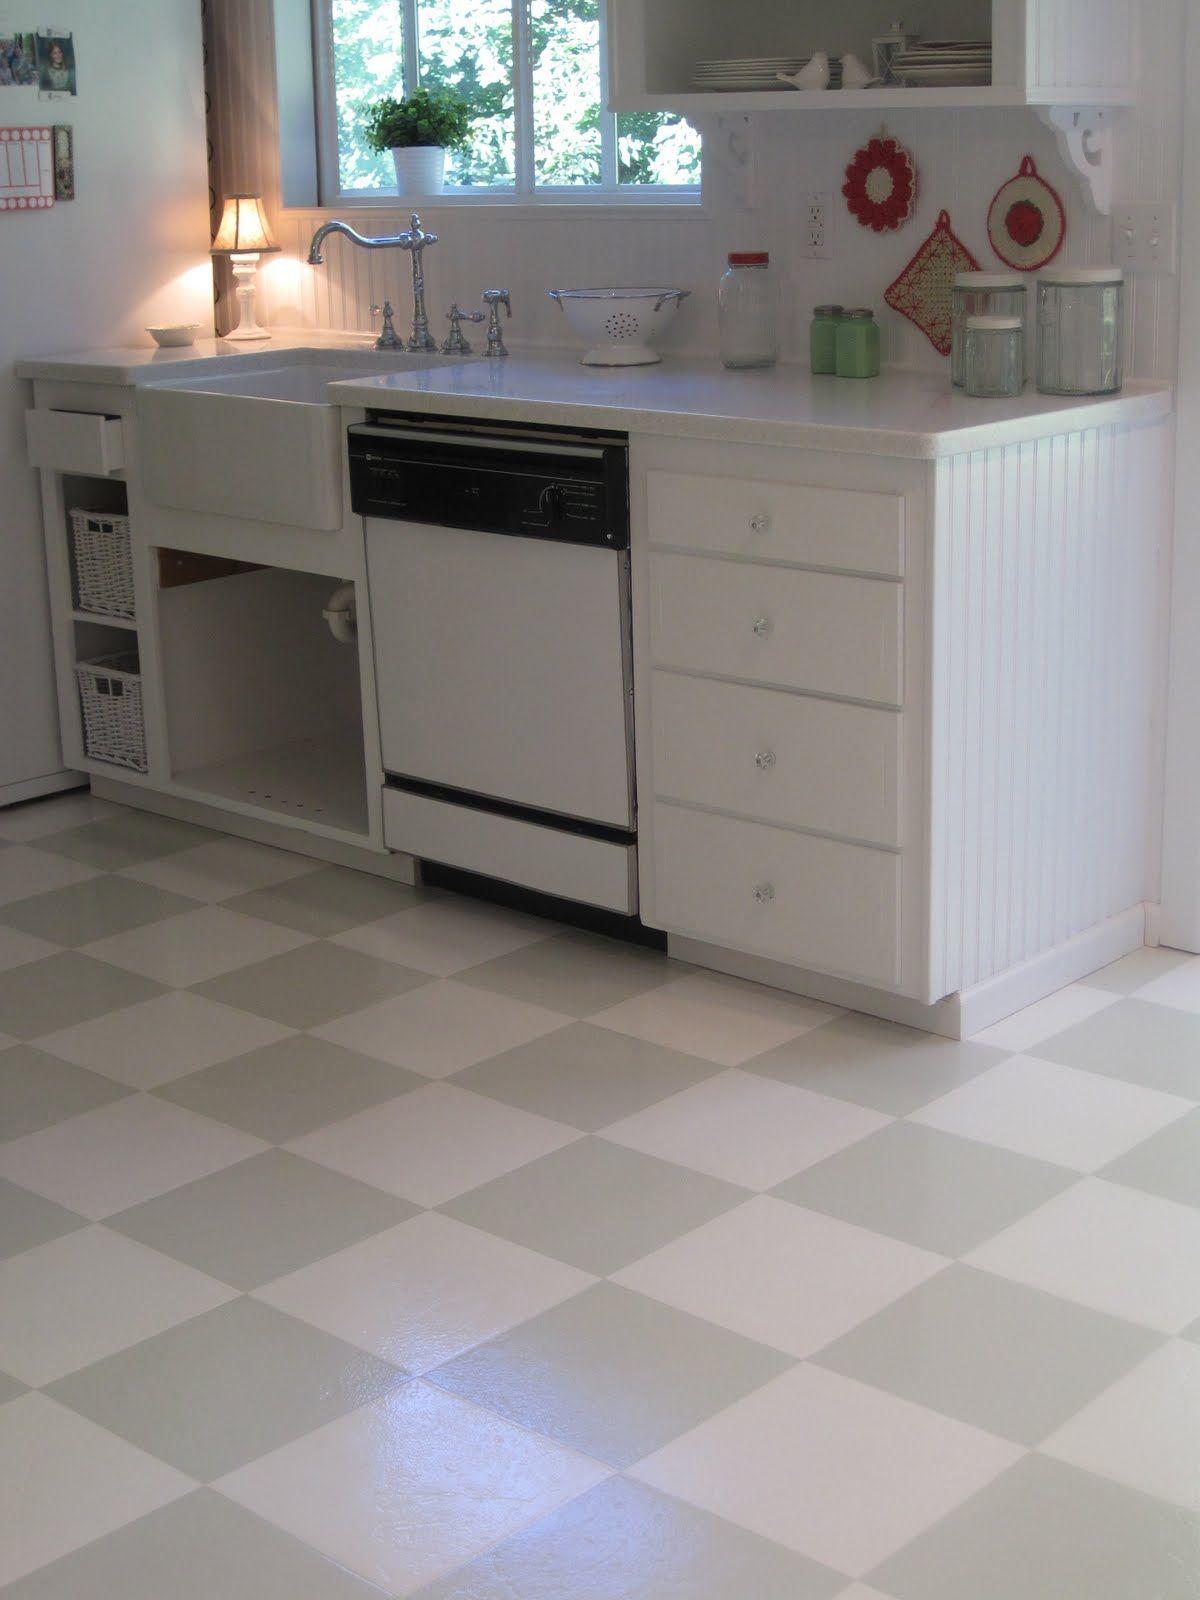 Kitchen Floor Checkerboard Vinyl Flooring Kitchen, Diy